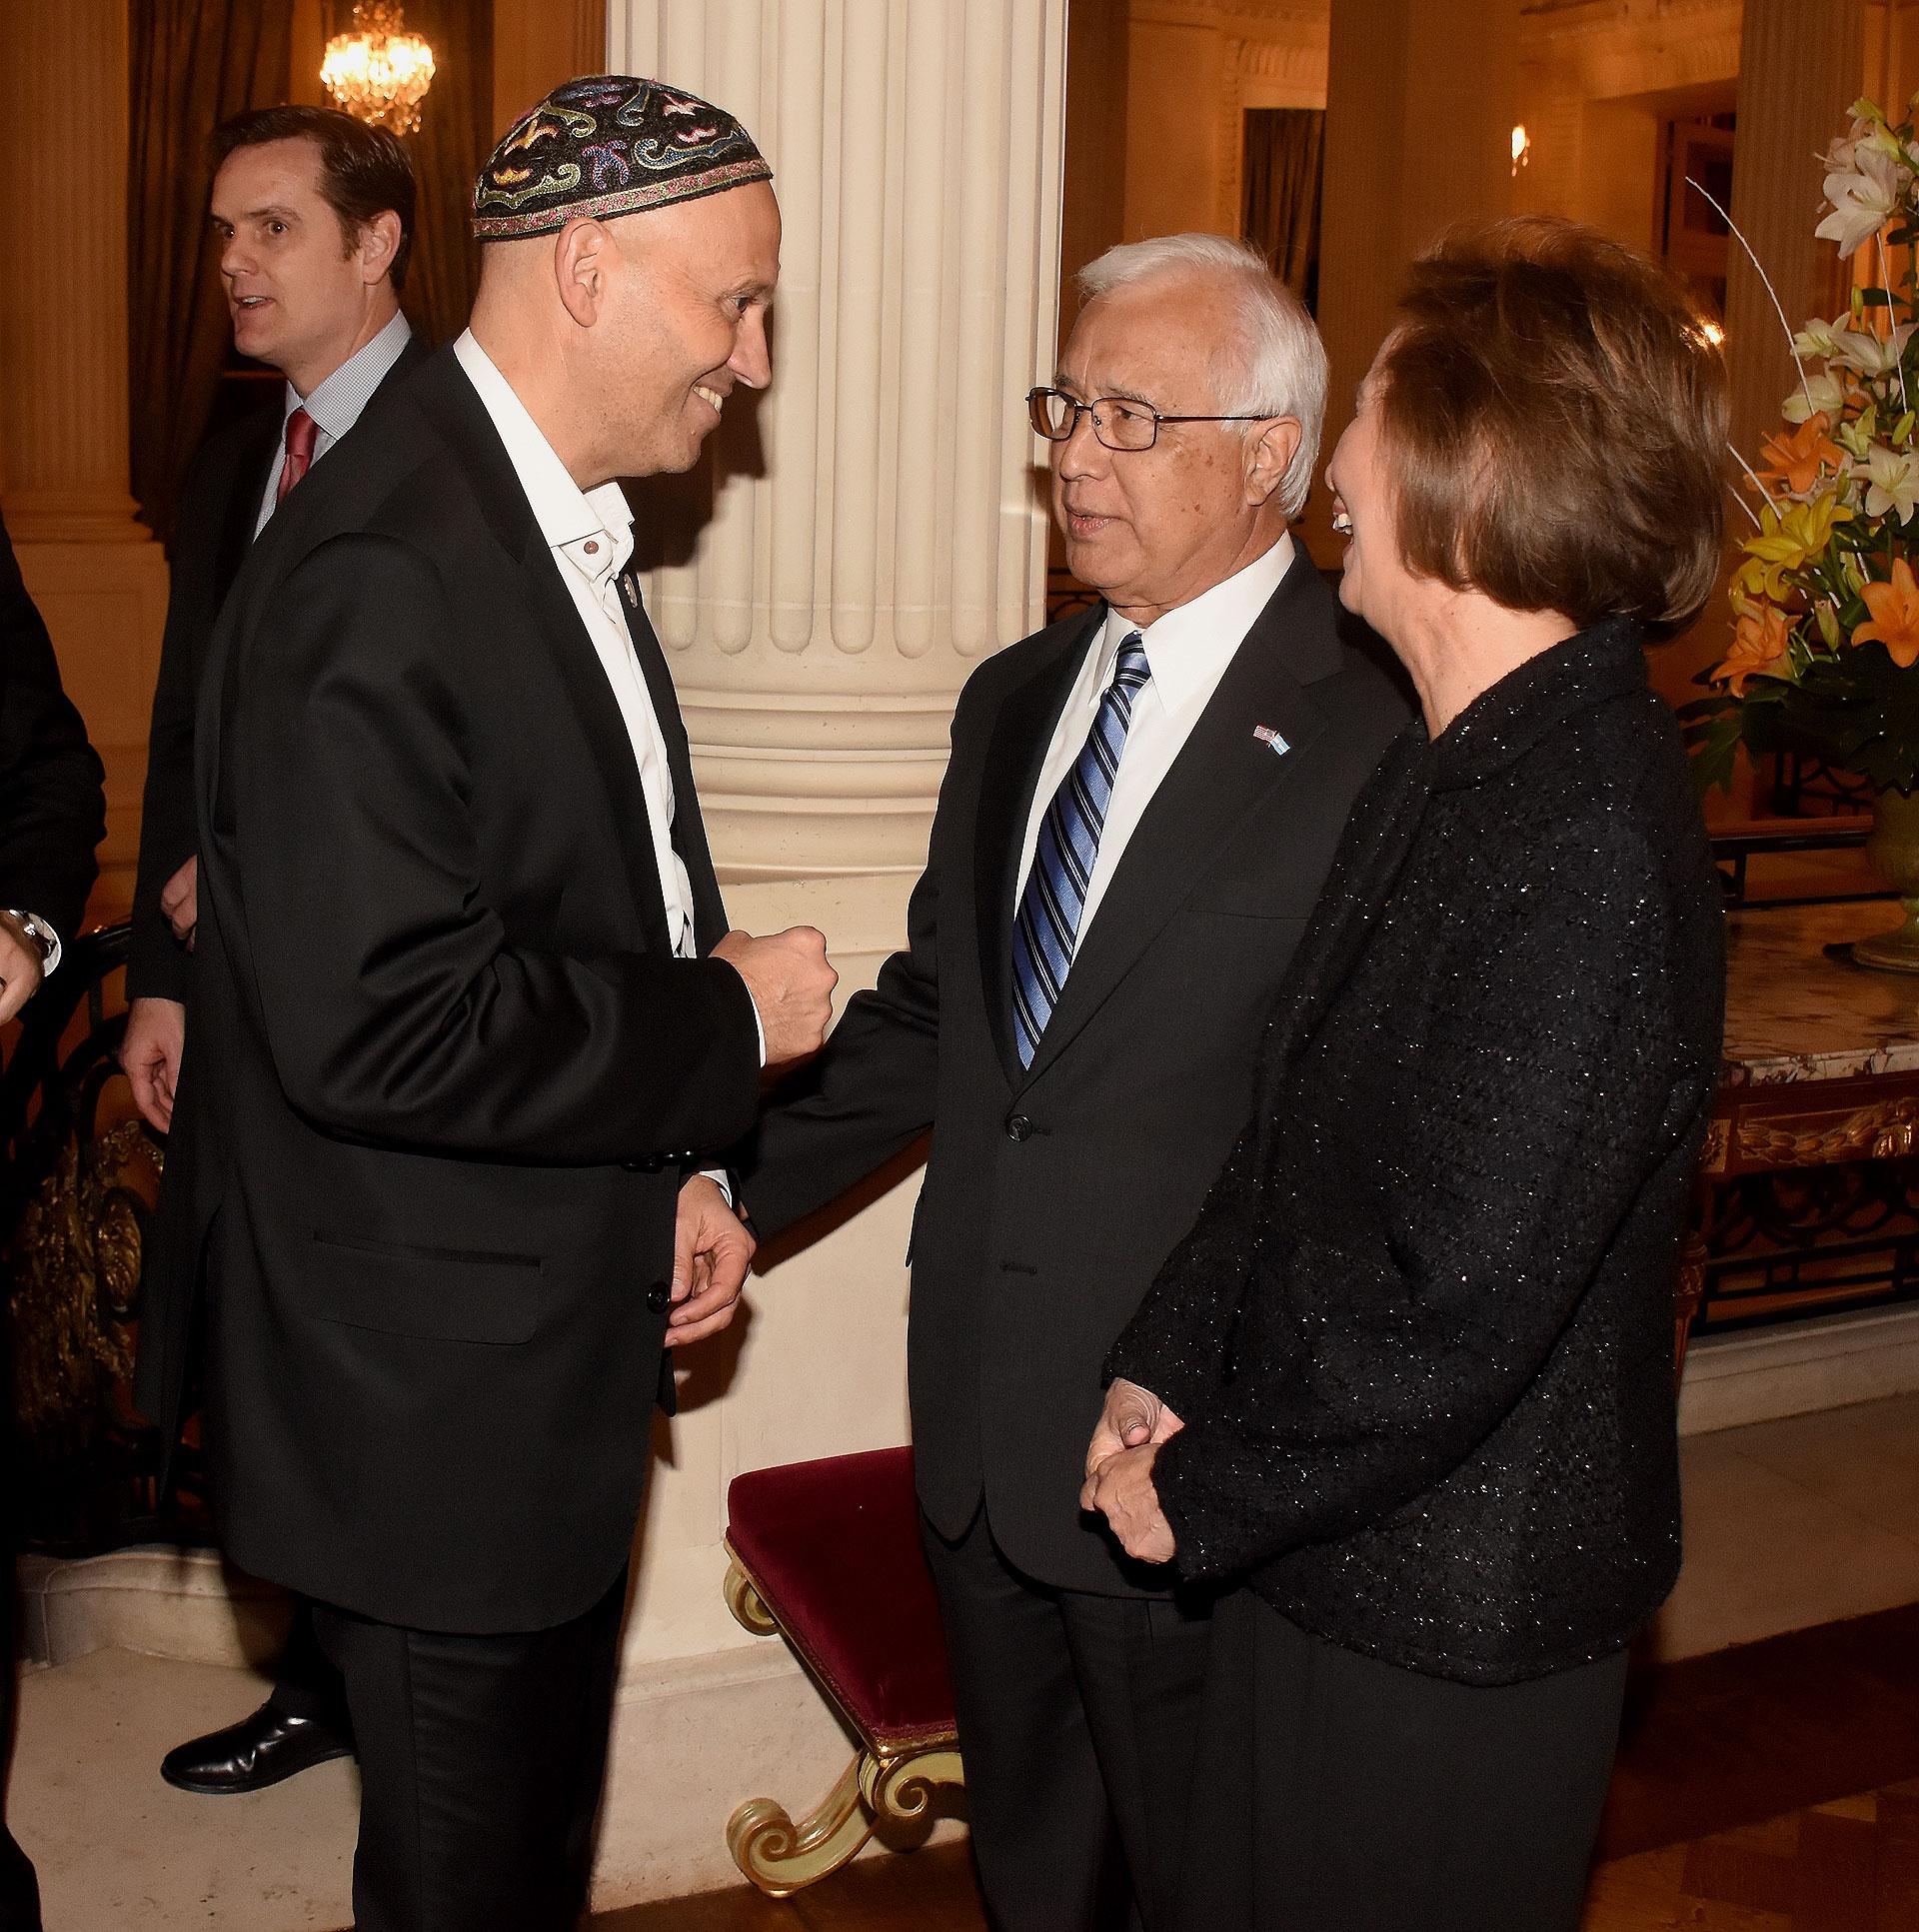 El ministro de Ambiente y Desarrollo Sustentable, Sergio Bergman, saluda al embajador Prado y a su esposa María